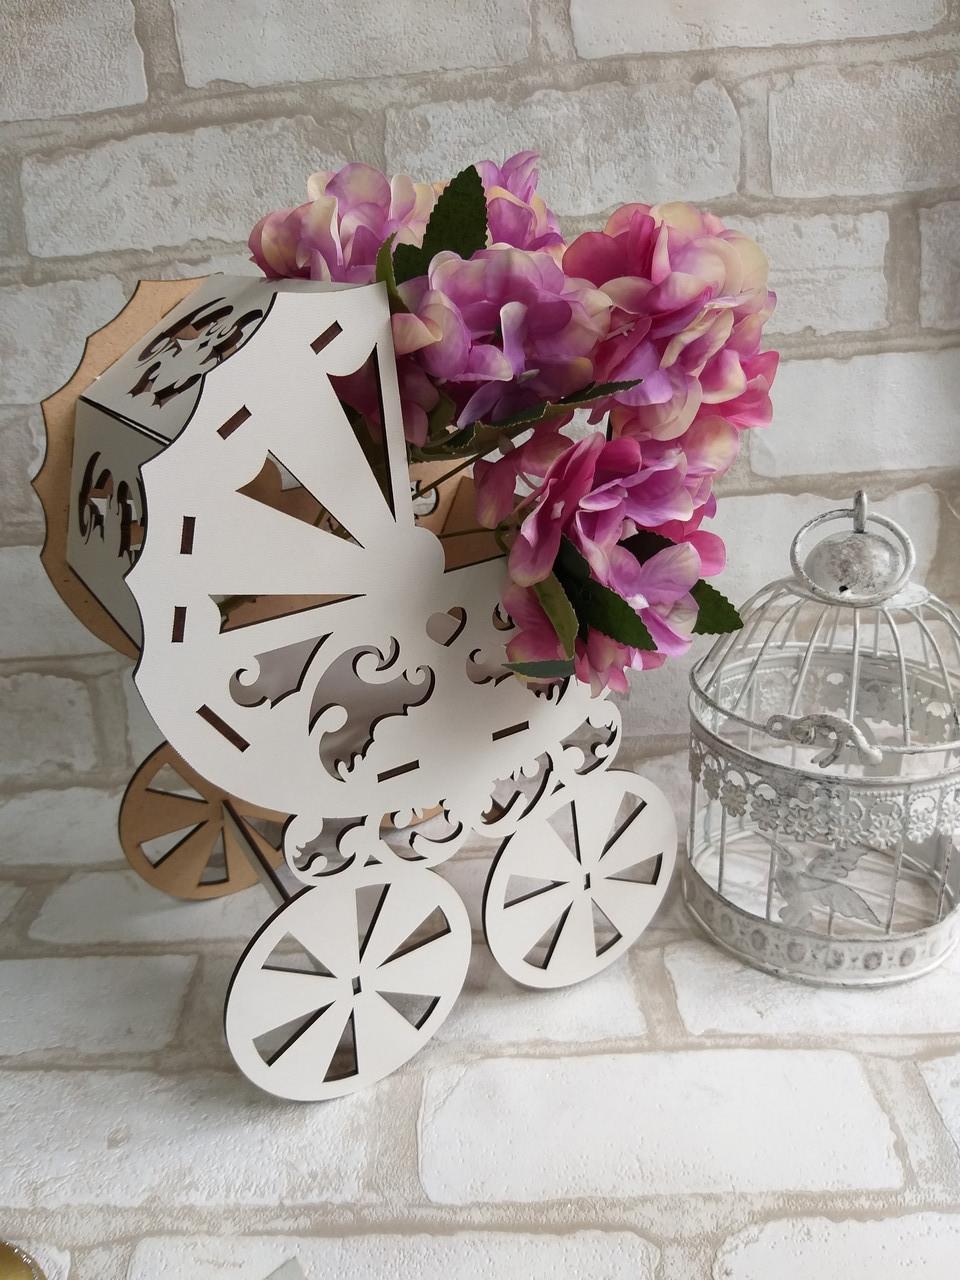 Декоративная коробка-упаковка в виде колясочки, ДВП, р-ры 27х19х13 см., 95/85 (цена за 1 шт. + 10 гр.)